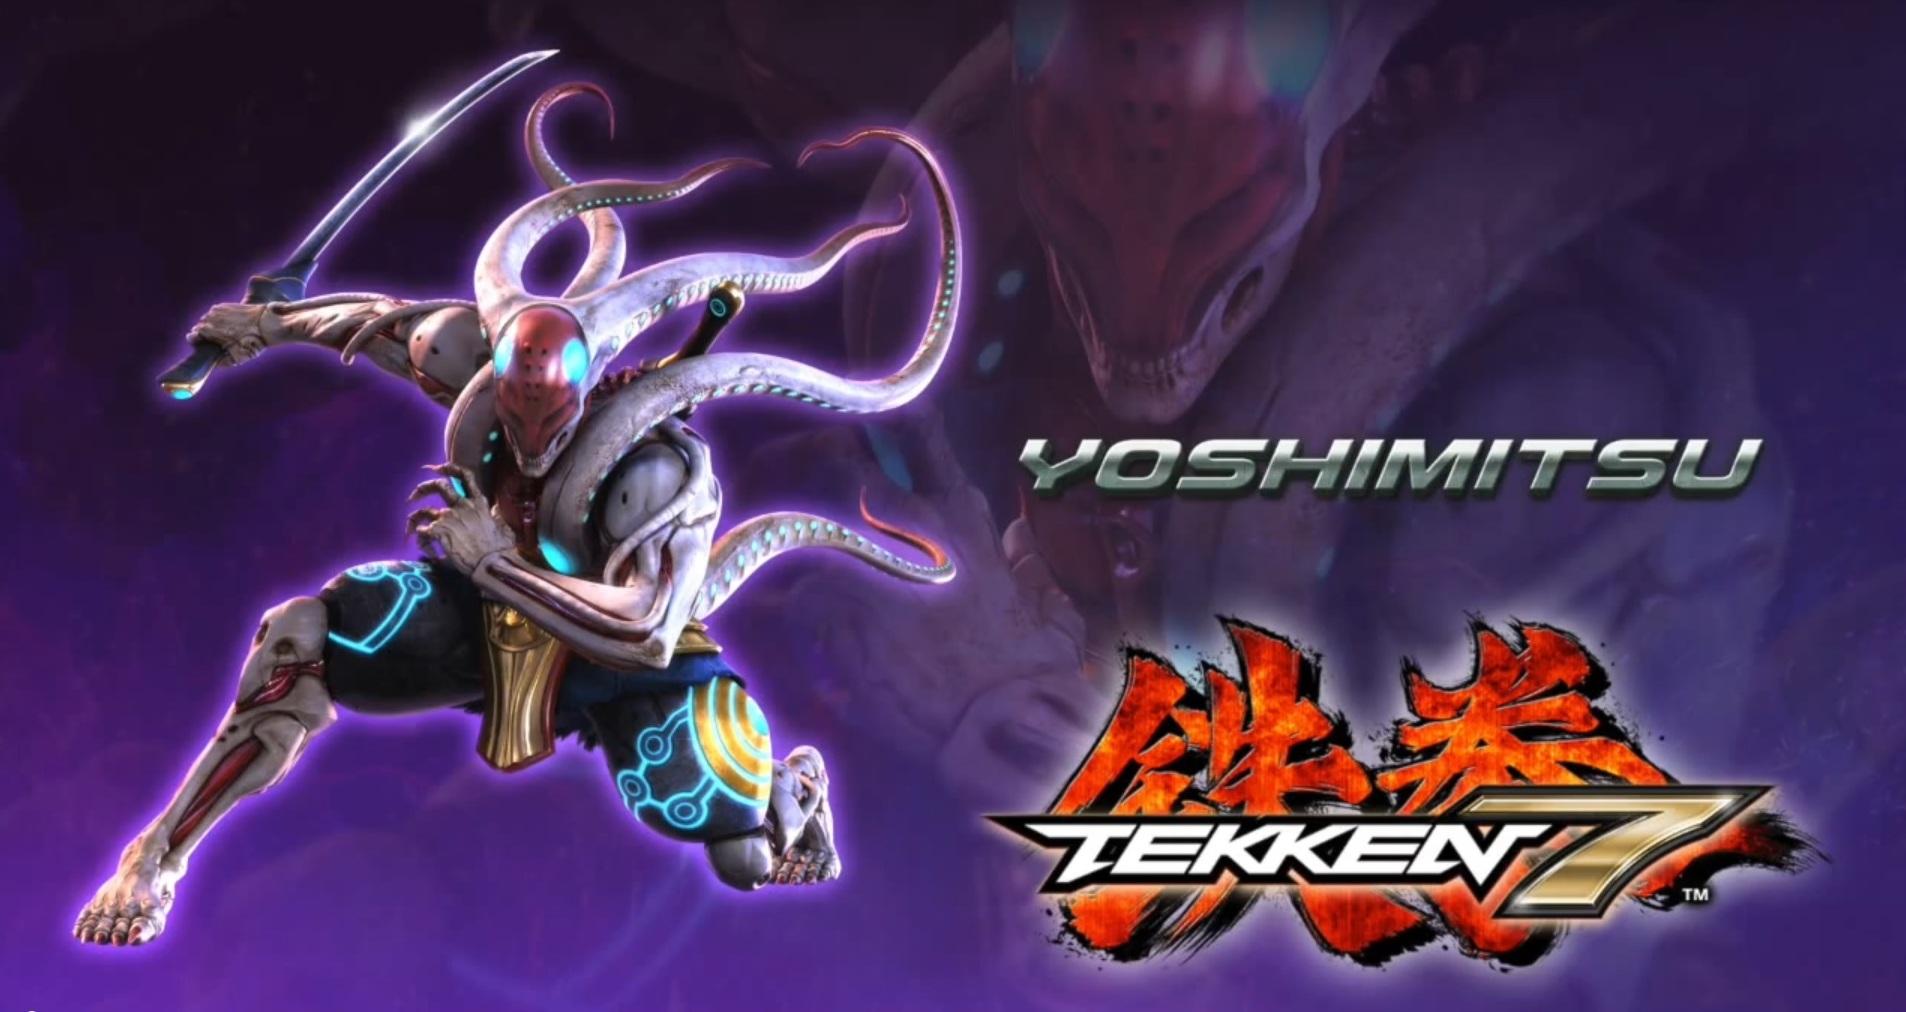 Yoshimitsu z Tekkena 7